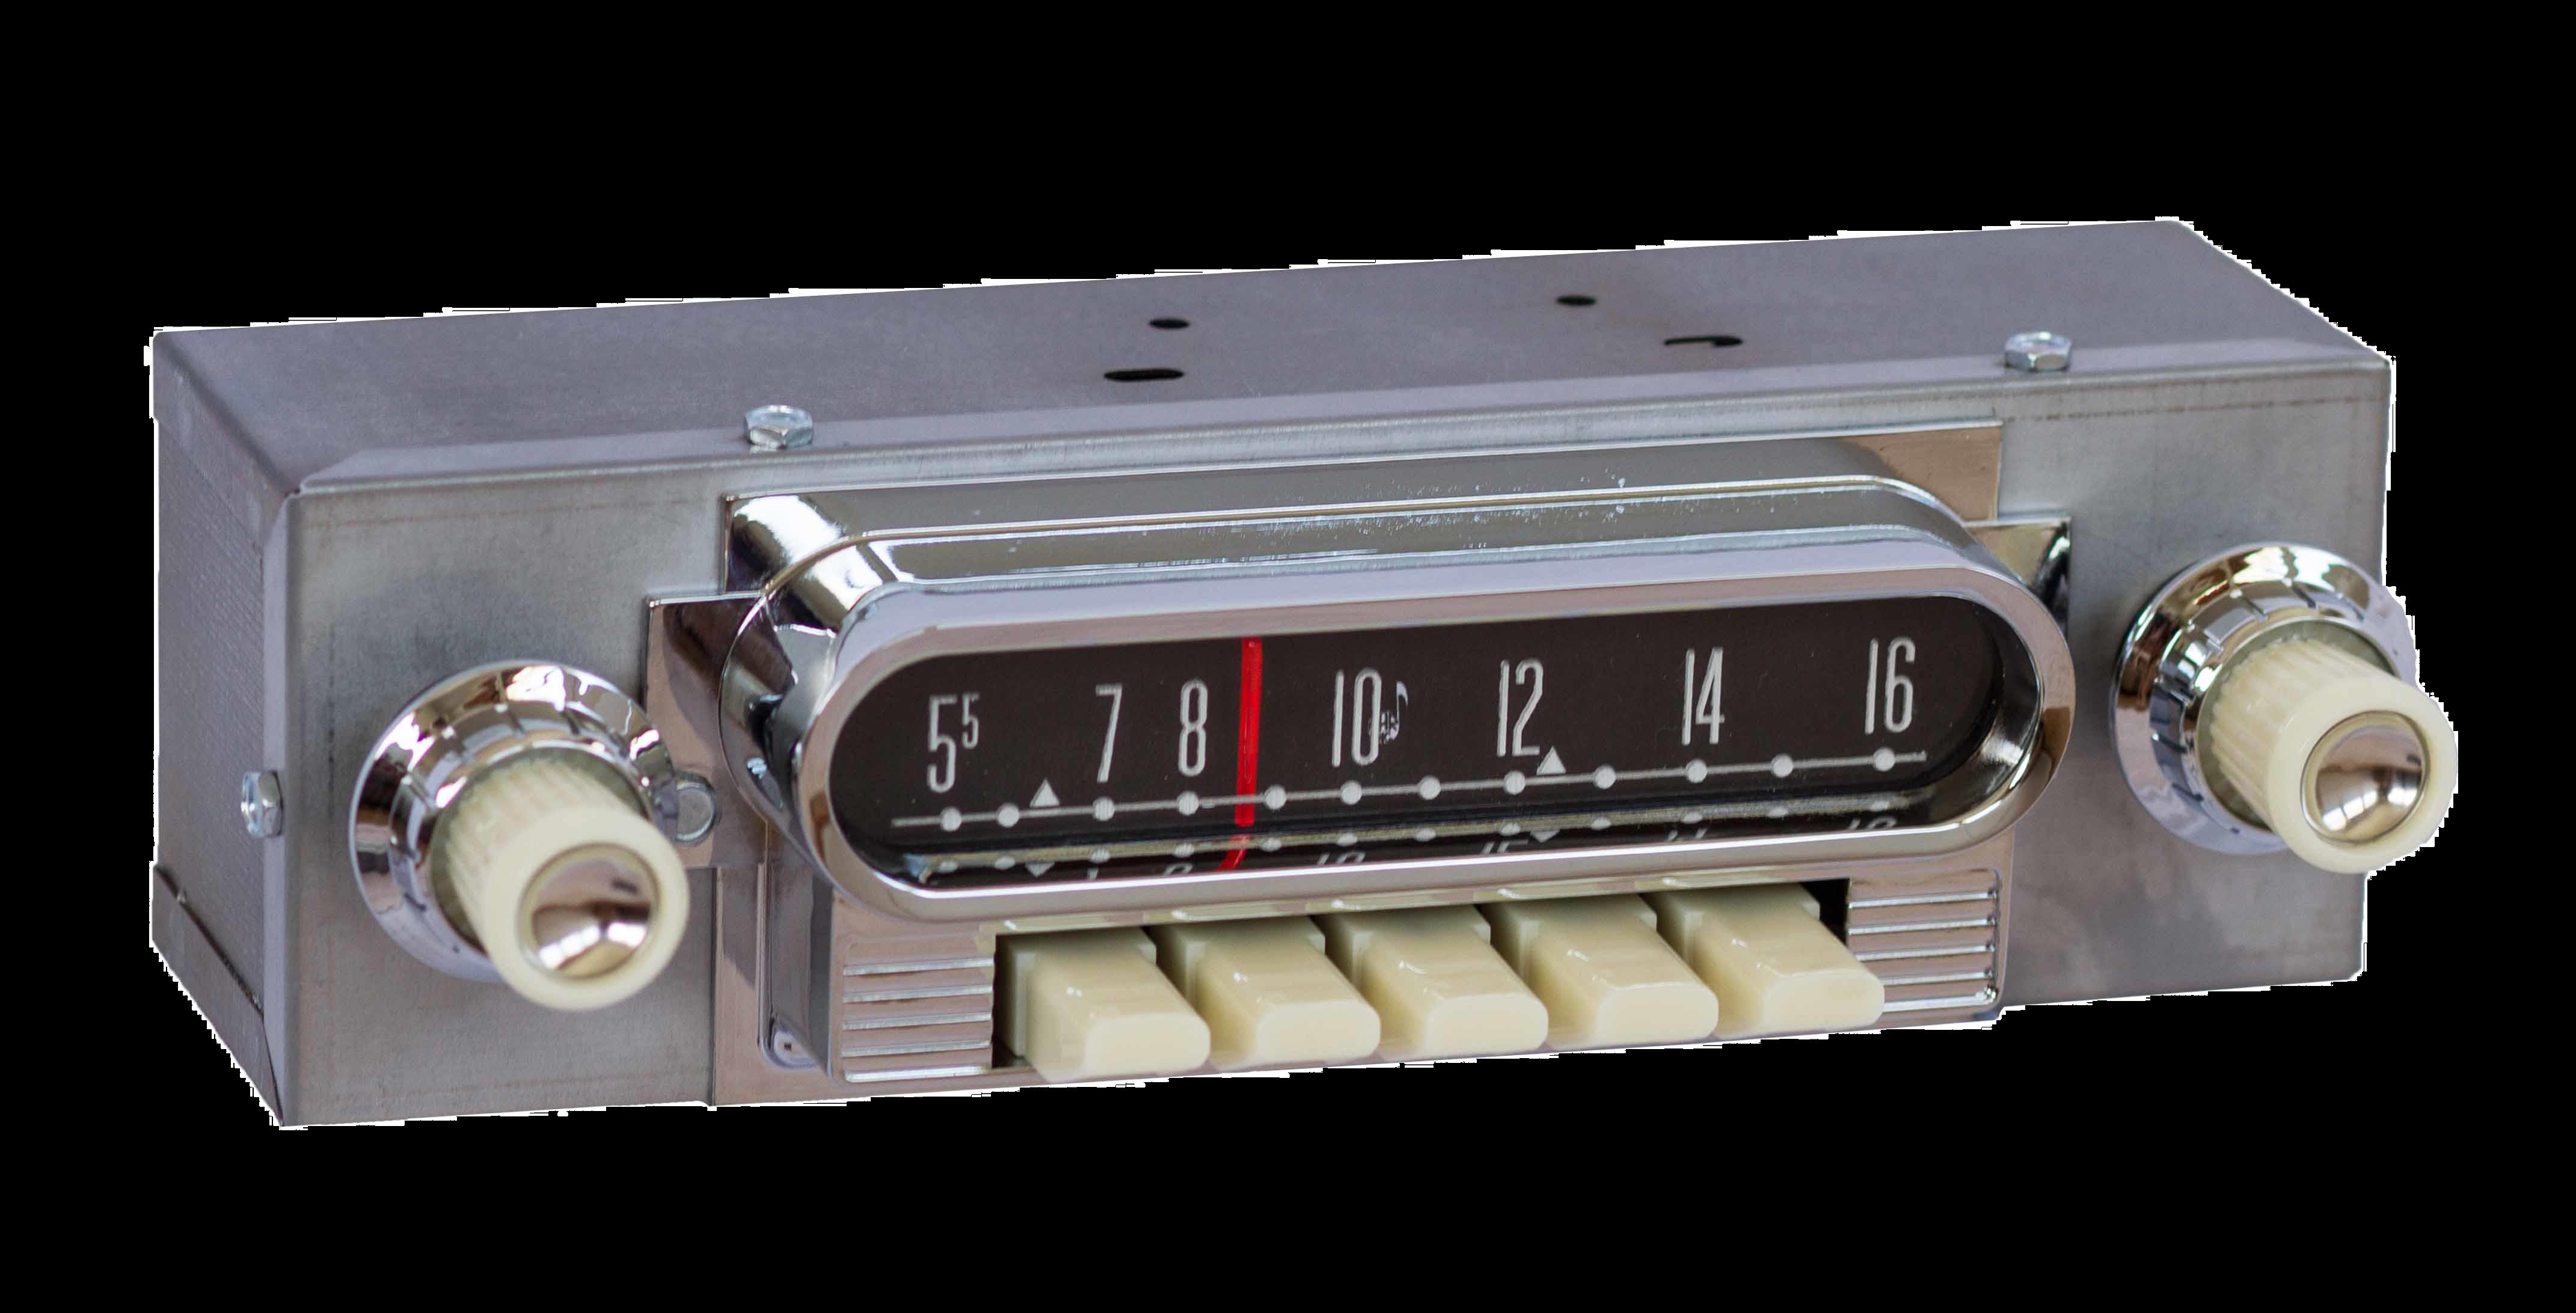 1962-63 Ford Falcon & Ranchero AM/FM/Stereo Radio